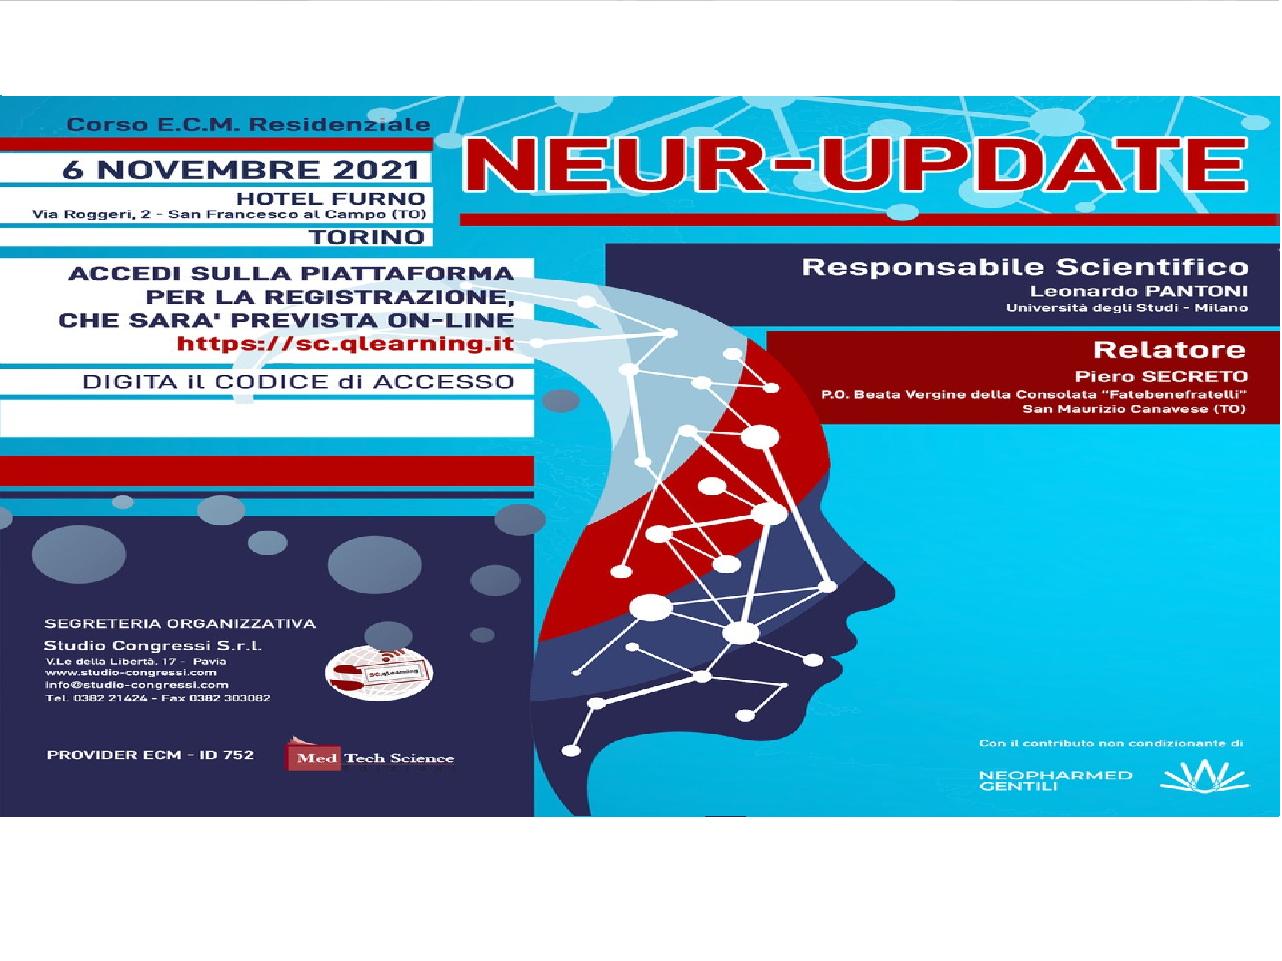 NGNn_SC2/21 - 06.11.21